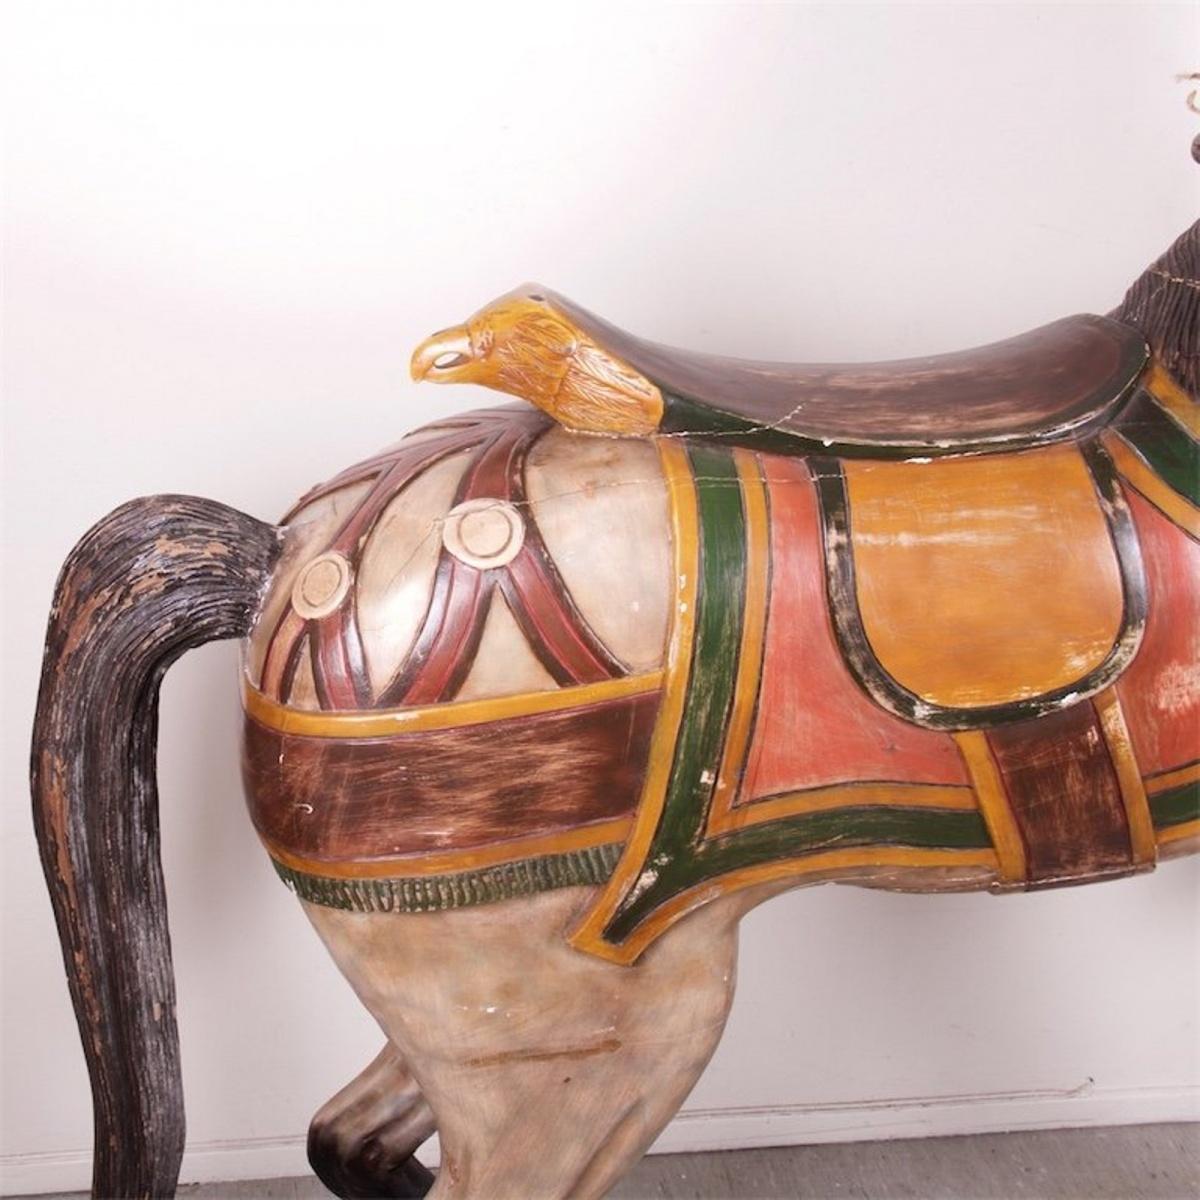 Antique Wooden Horse Idla Antiik